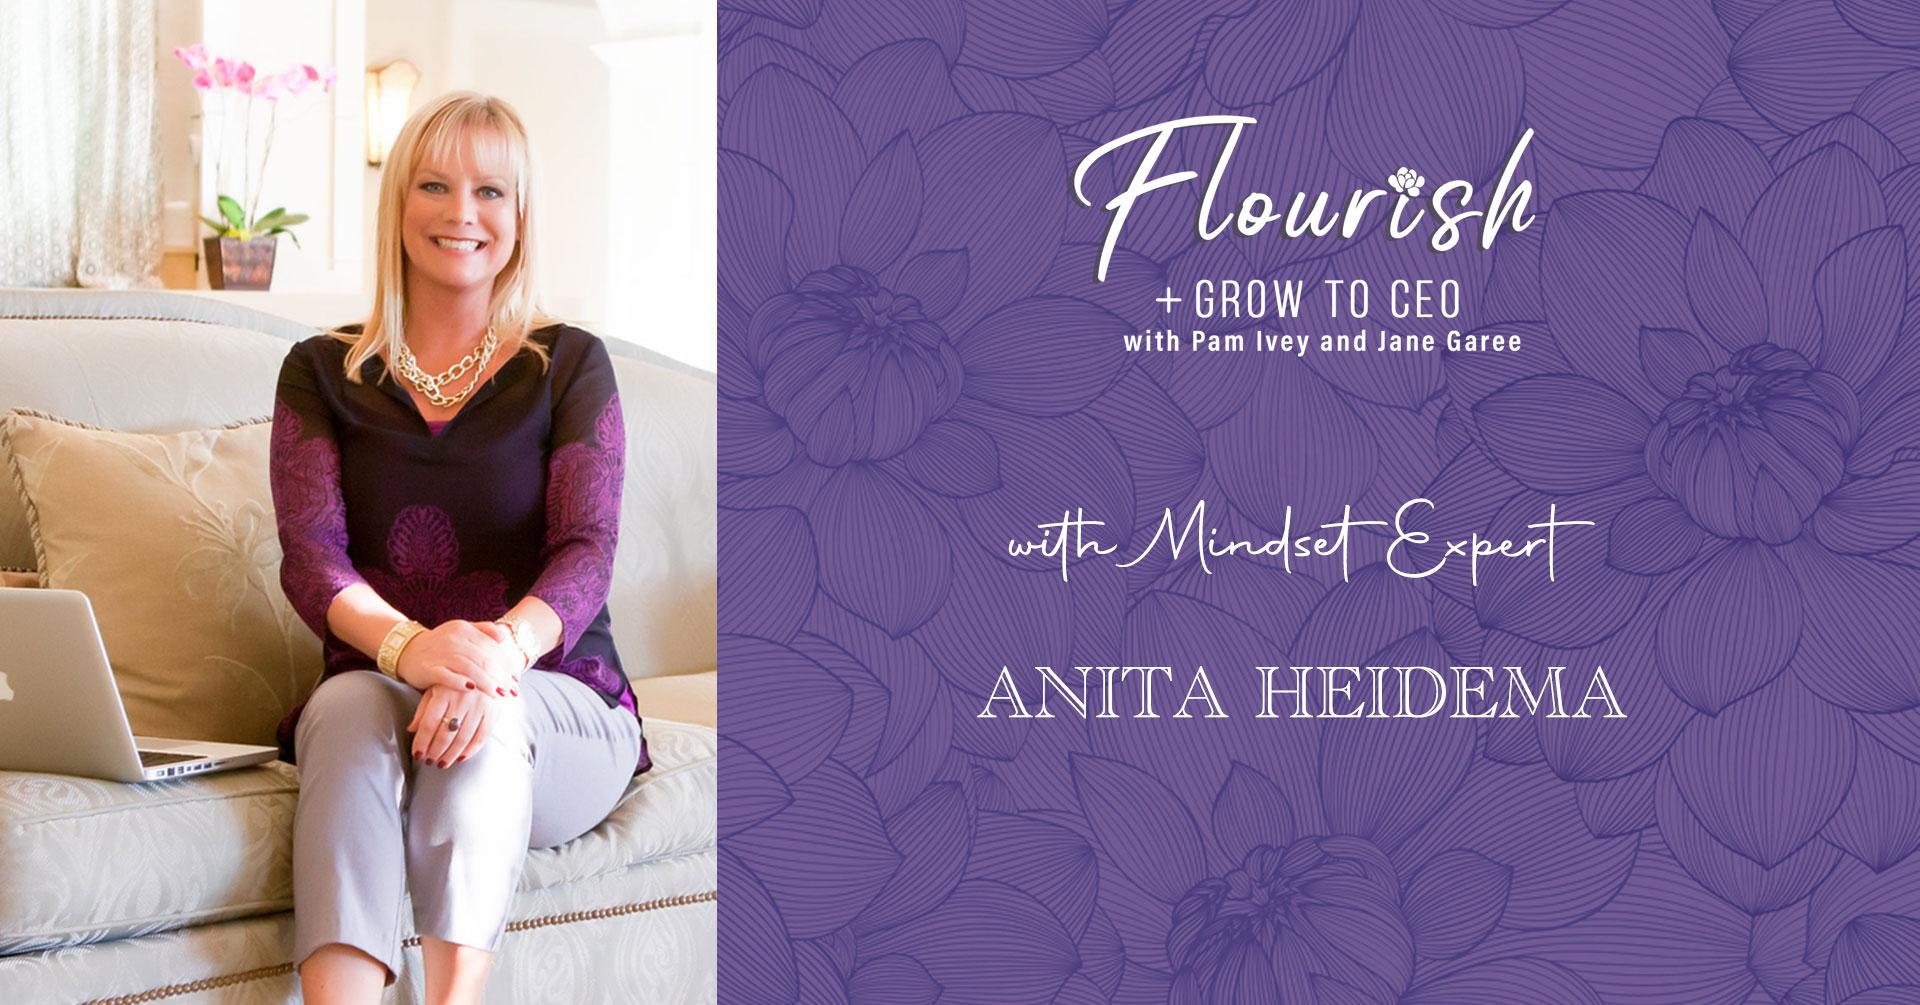 Guest Expert, Anita Heidema